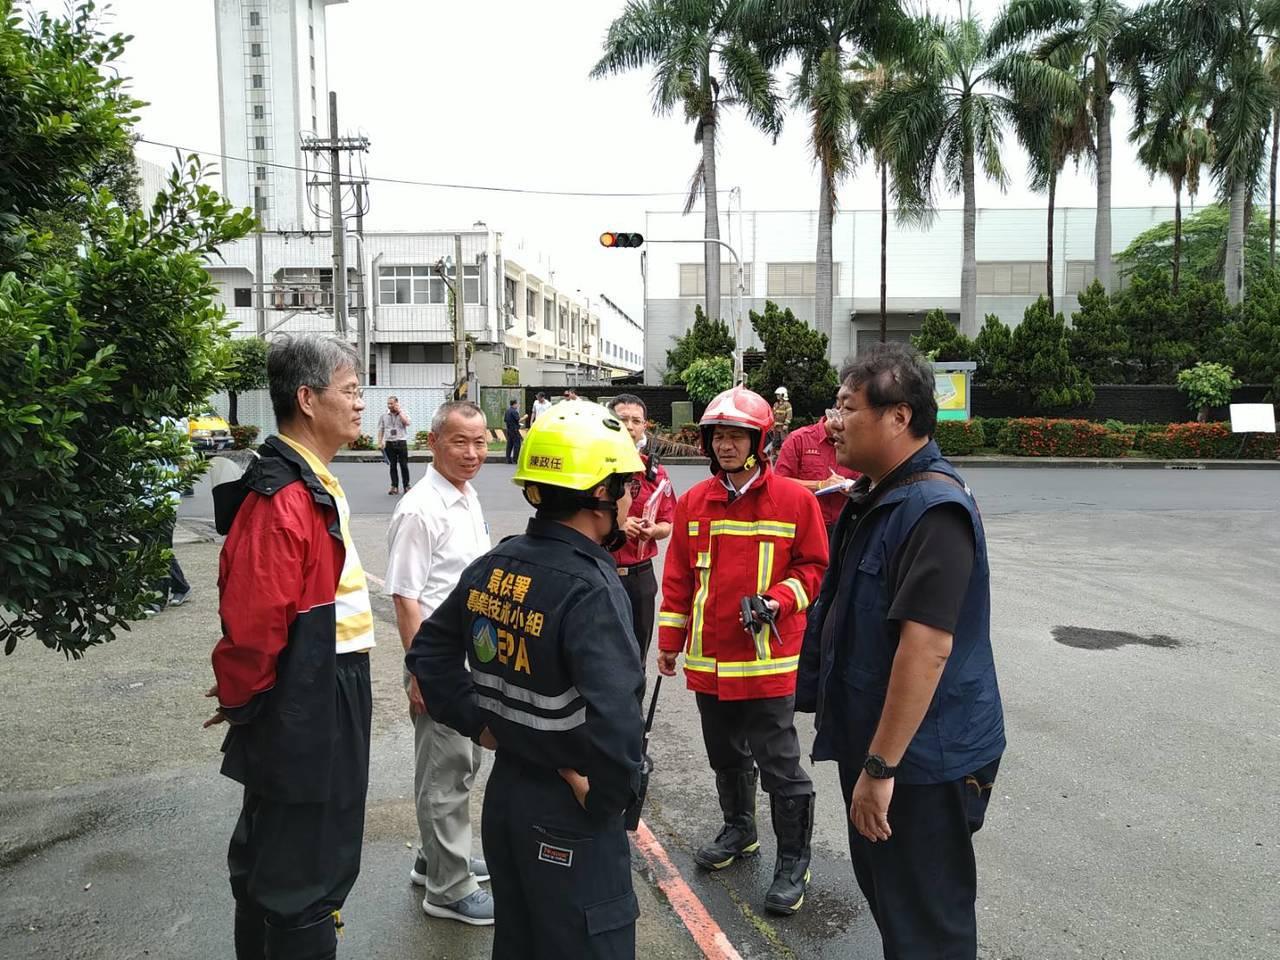 永康工業區毒氣外洩 ,消防隊員警戒中。記者謝進盛/翻攝